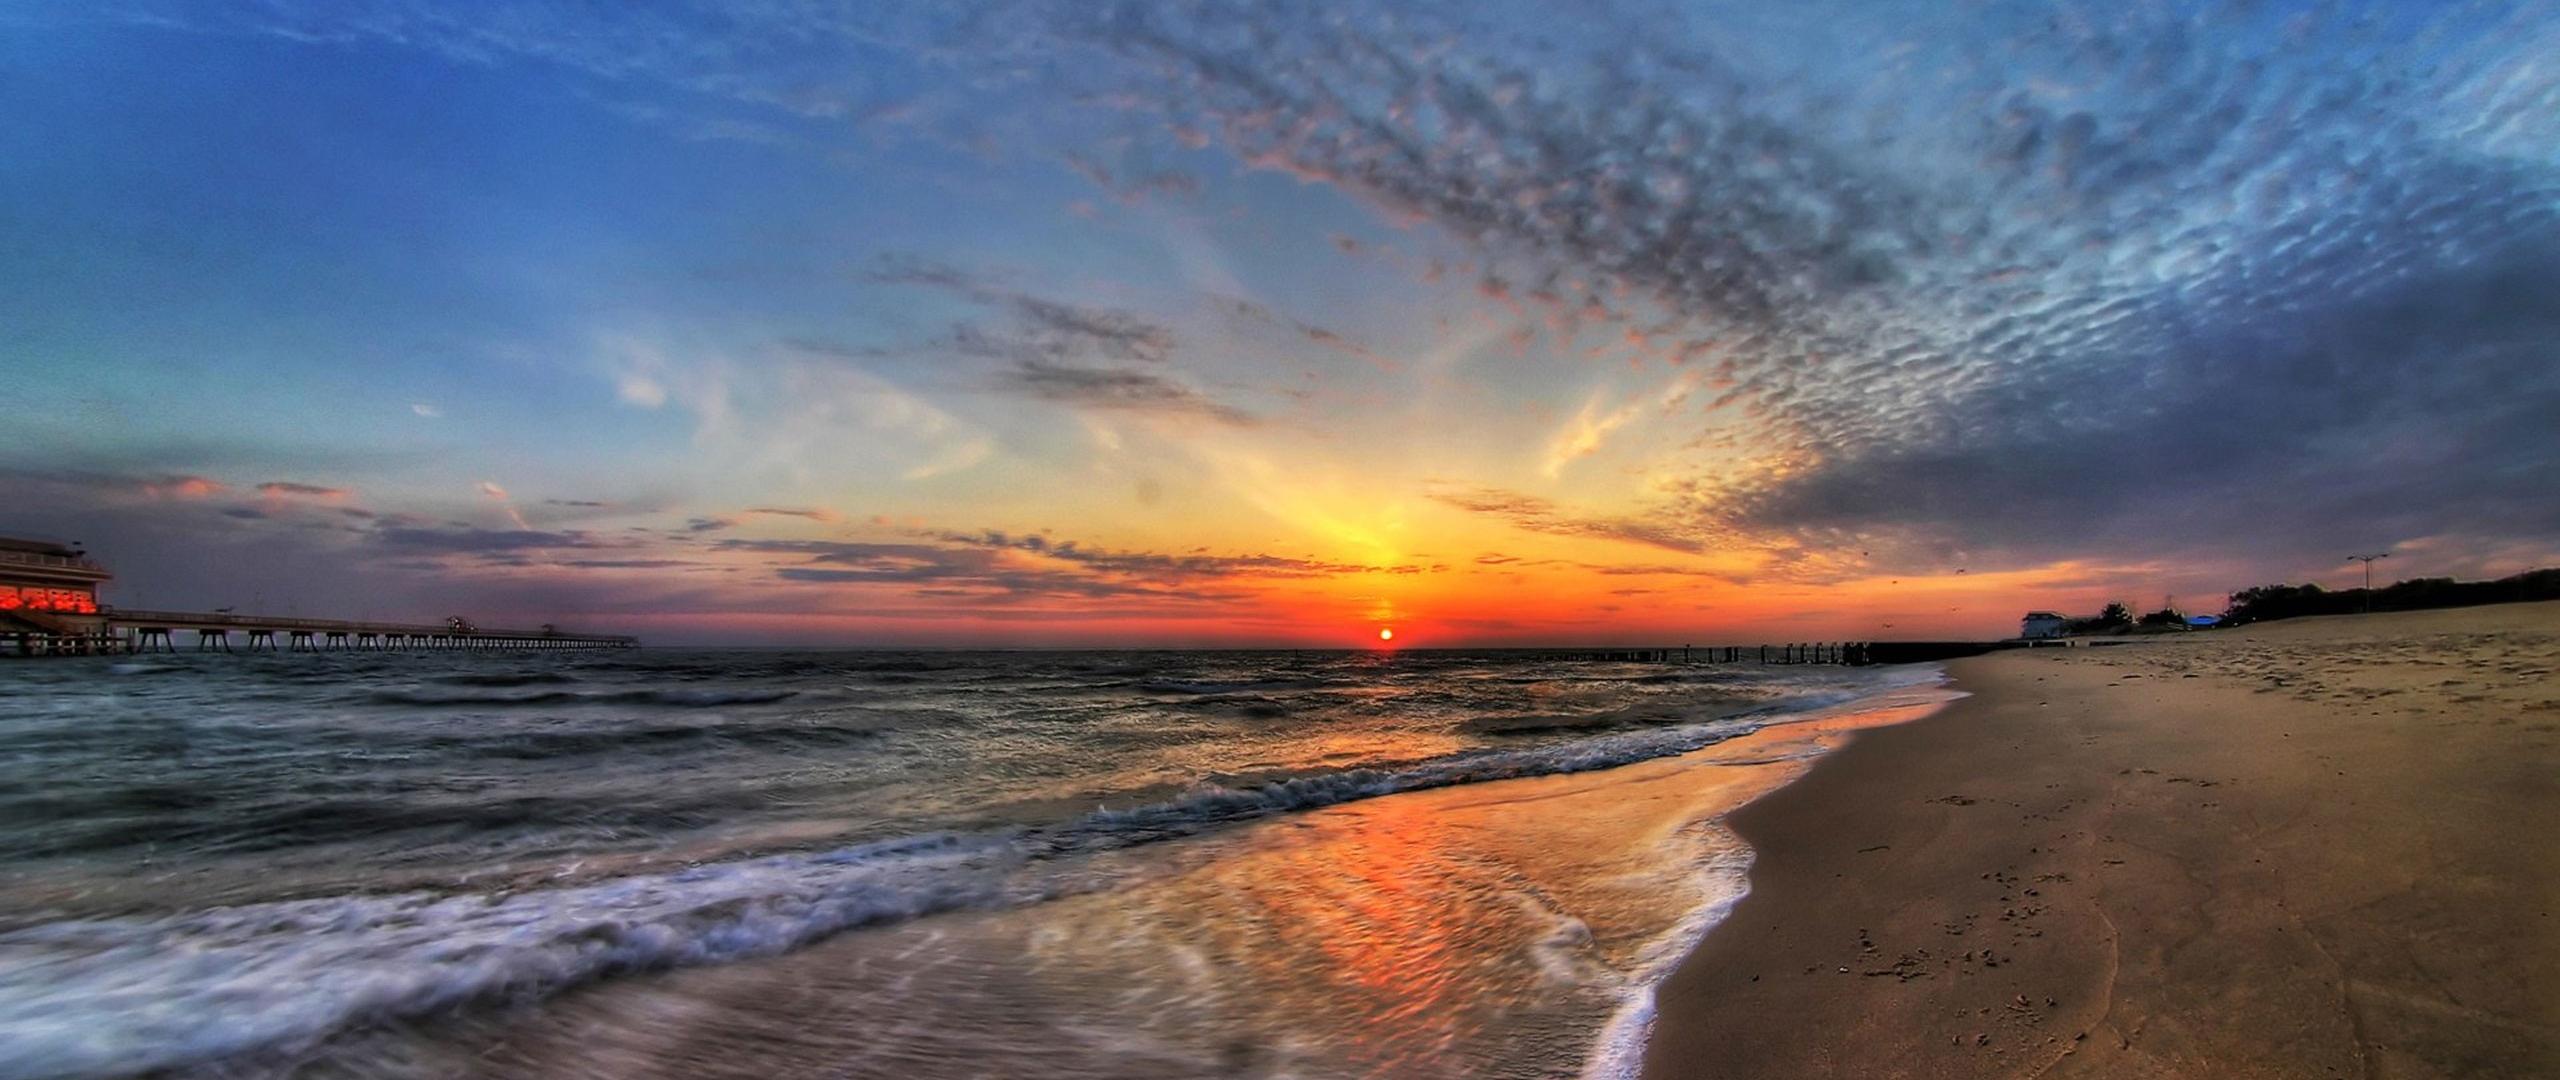 Download Wallpaper 2560x1080 Sea Sun Sky Surf 2560x1080 219 TV HD 2560x1080